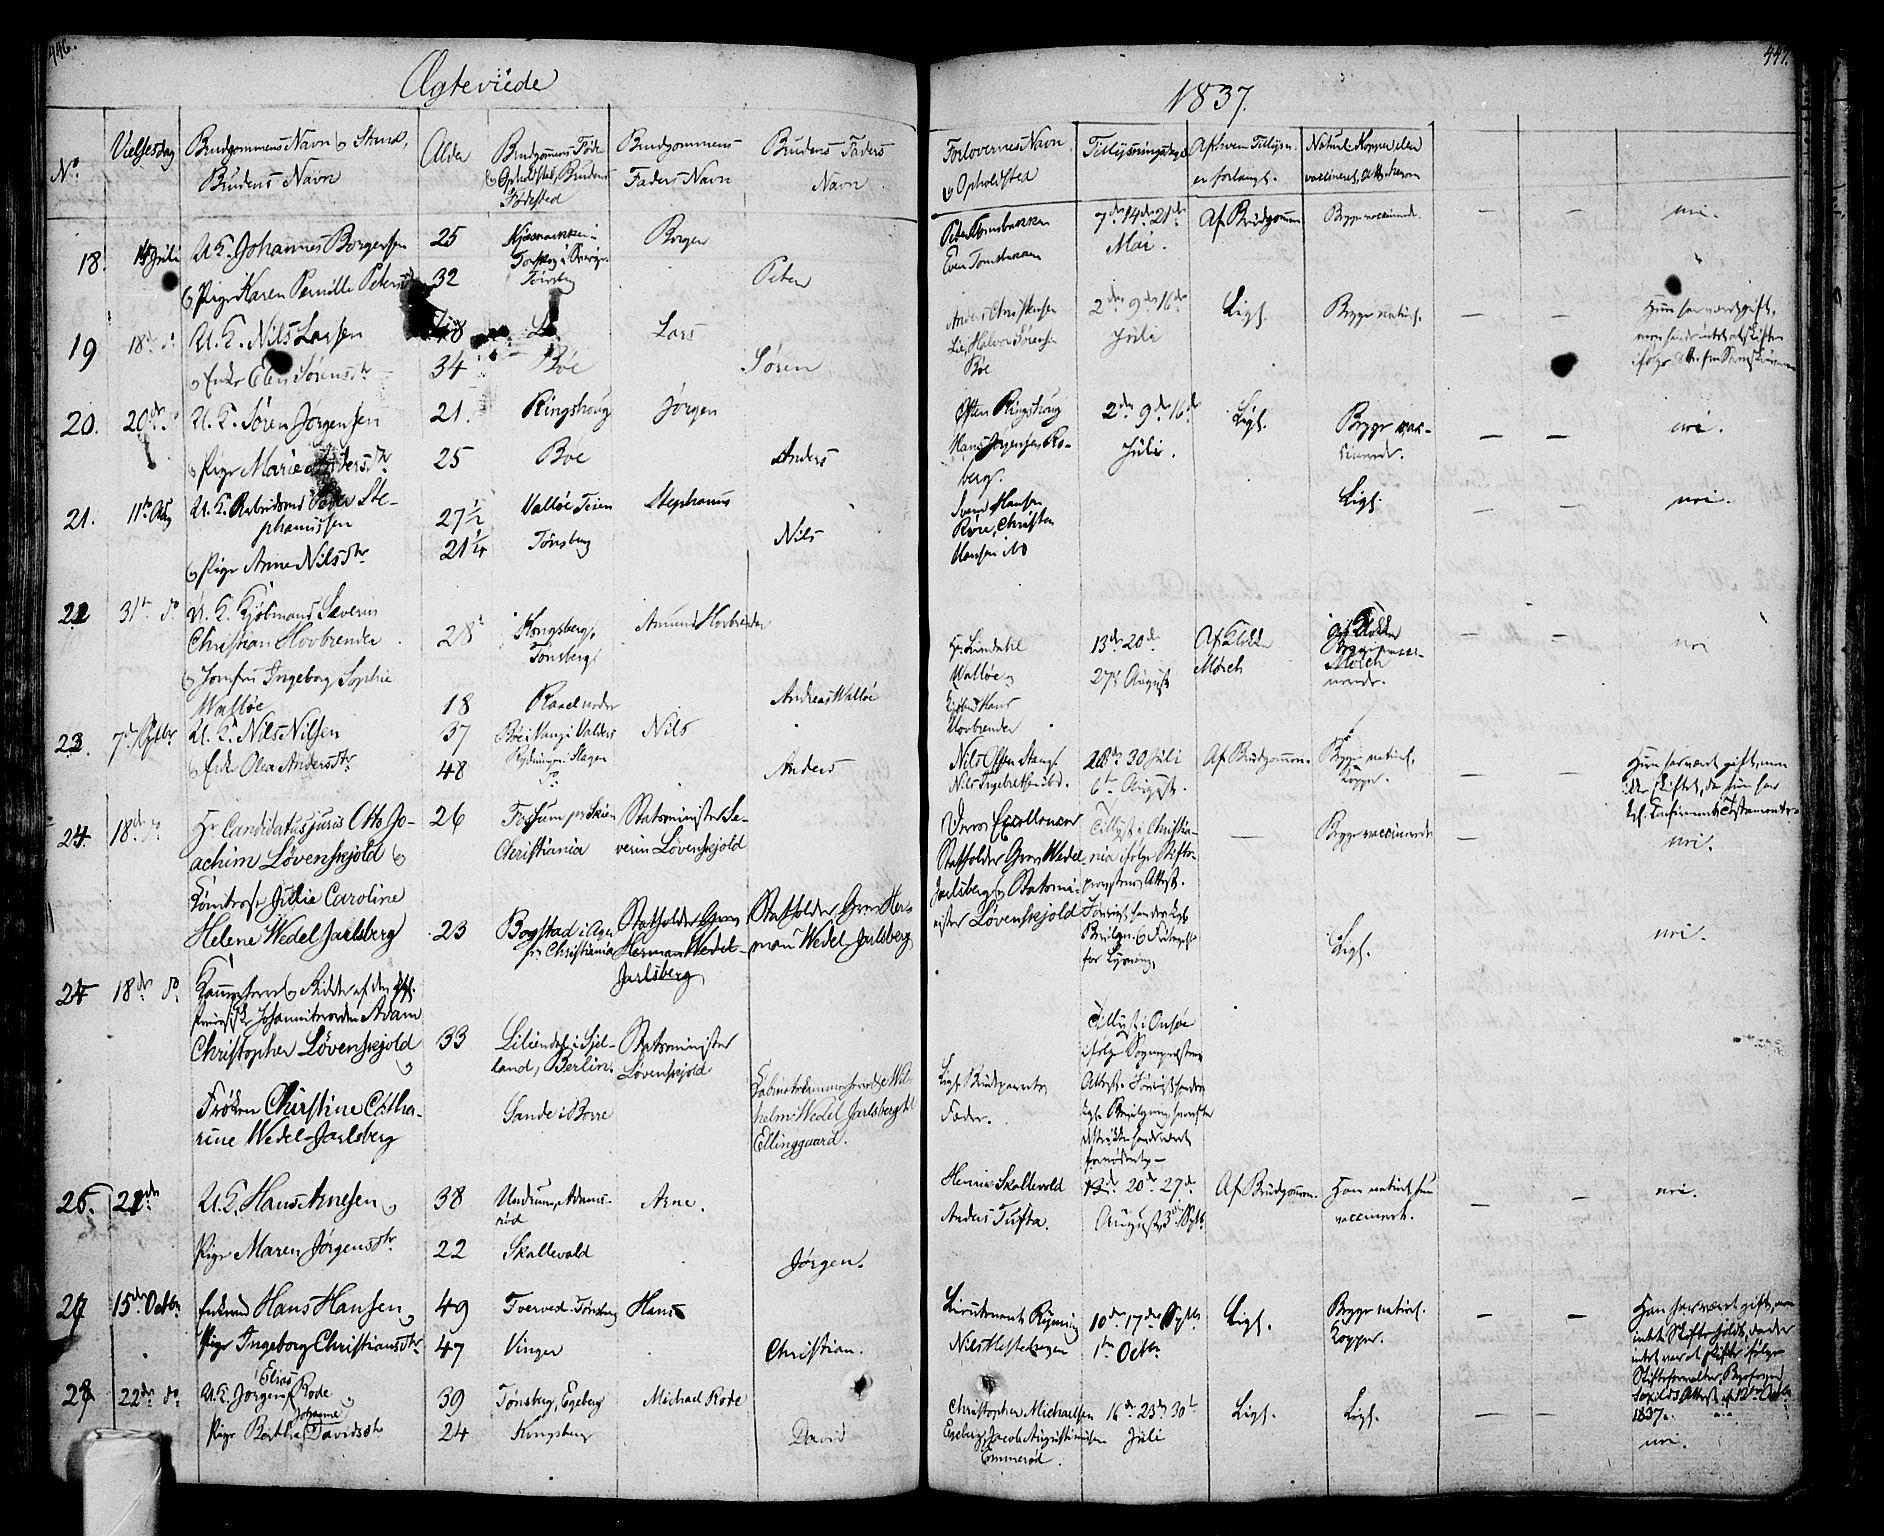 SAKO, Sem kirkebøker, F/Fa/L0005: Ministerialbok nr. I 5, 1825-1842, s. 446-447